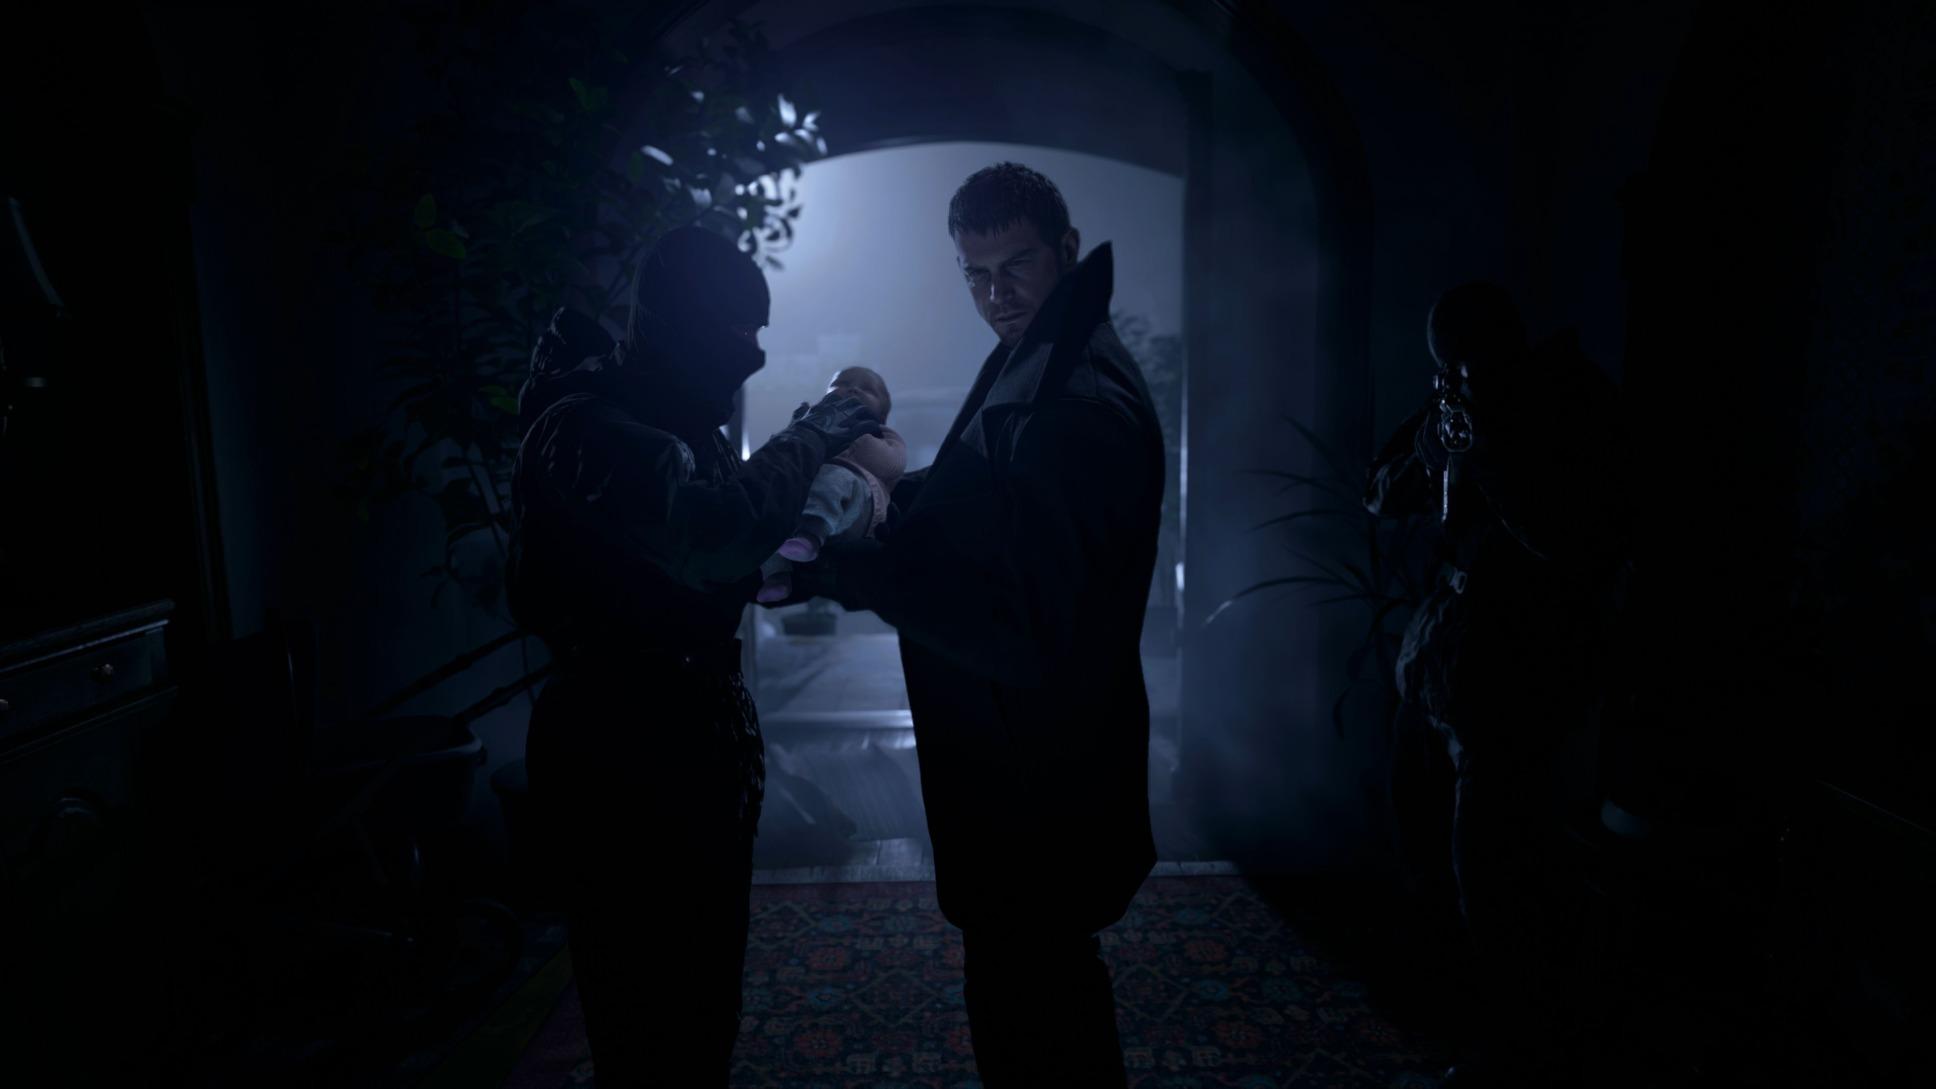 """""""Resident Evil Village"""" gira entorno al secuestro de la hija de Ethan Winters,  en manos de Lady Dimitrescu"""